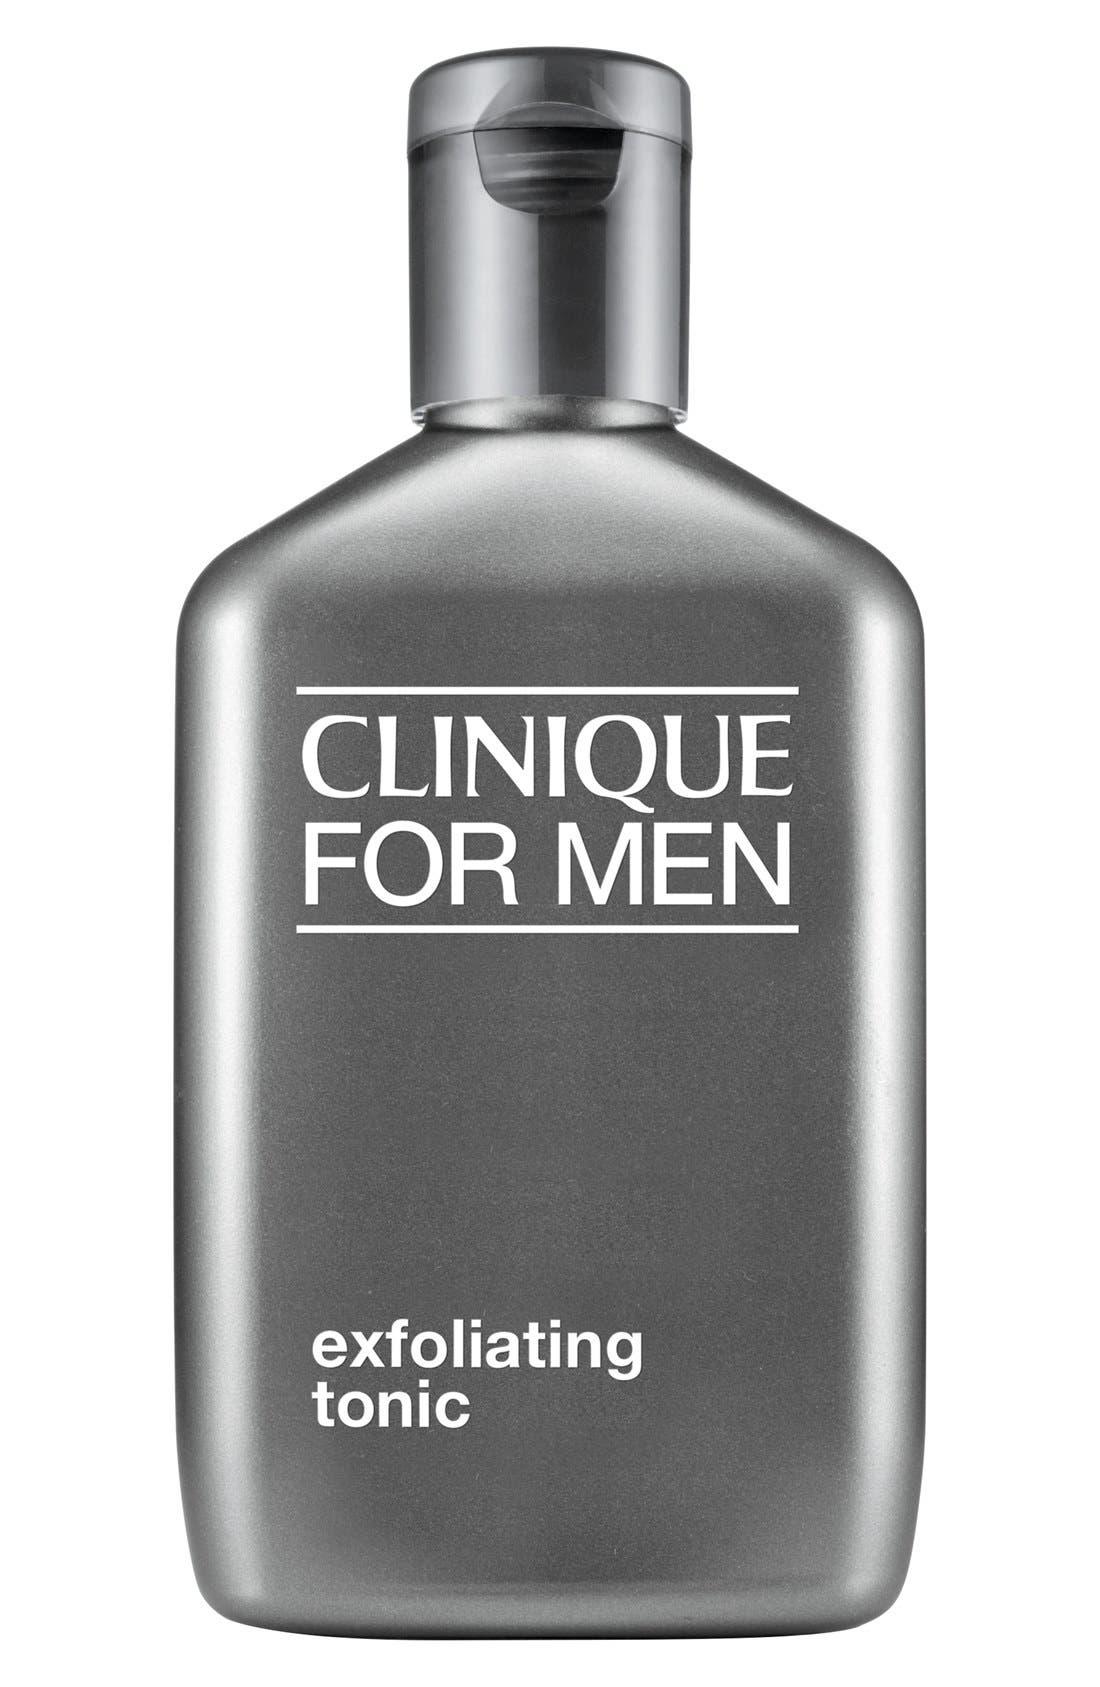 Clinique for Men Exfoliating Tonic